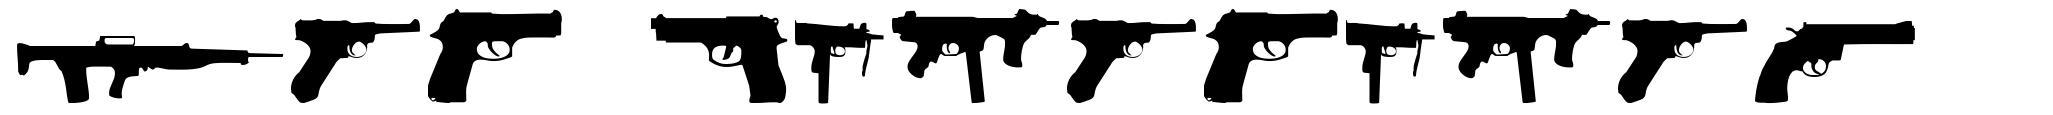 2nd Amendment font